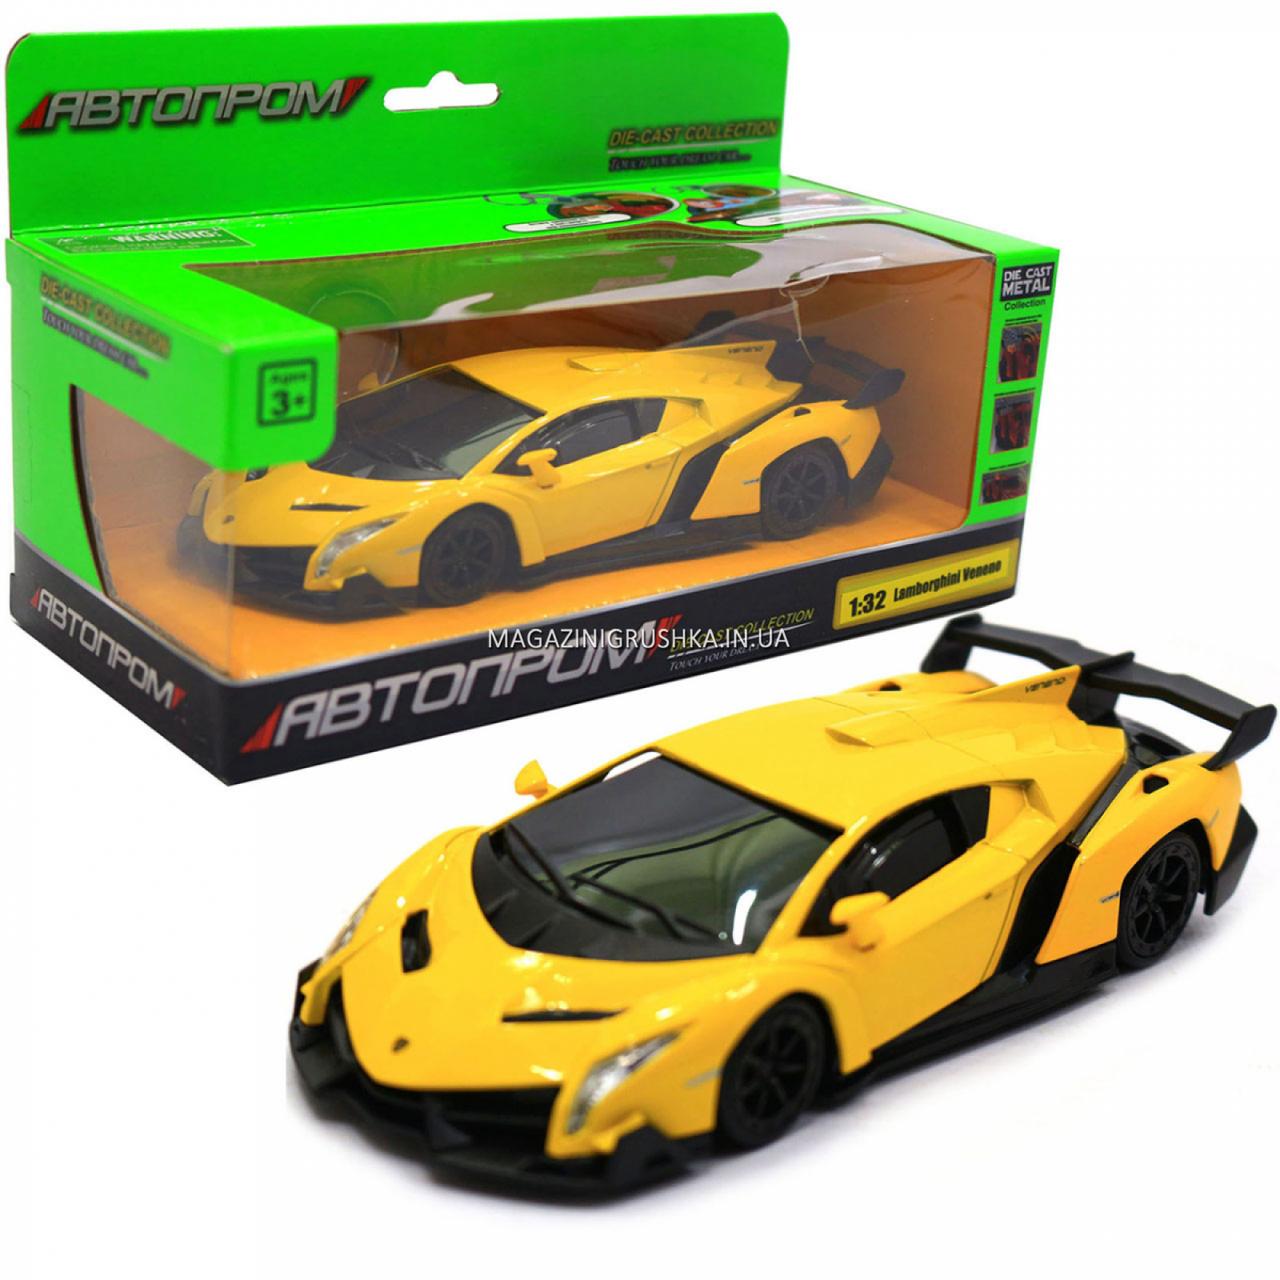 Машинка ігрова автопром «Lamborghini Veneno», 15 см, світло, звук, жовтий (7601)